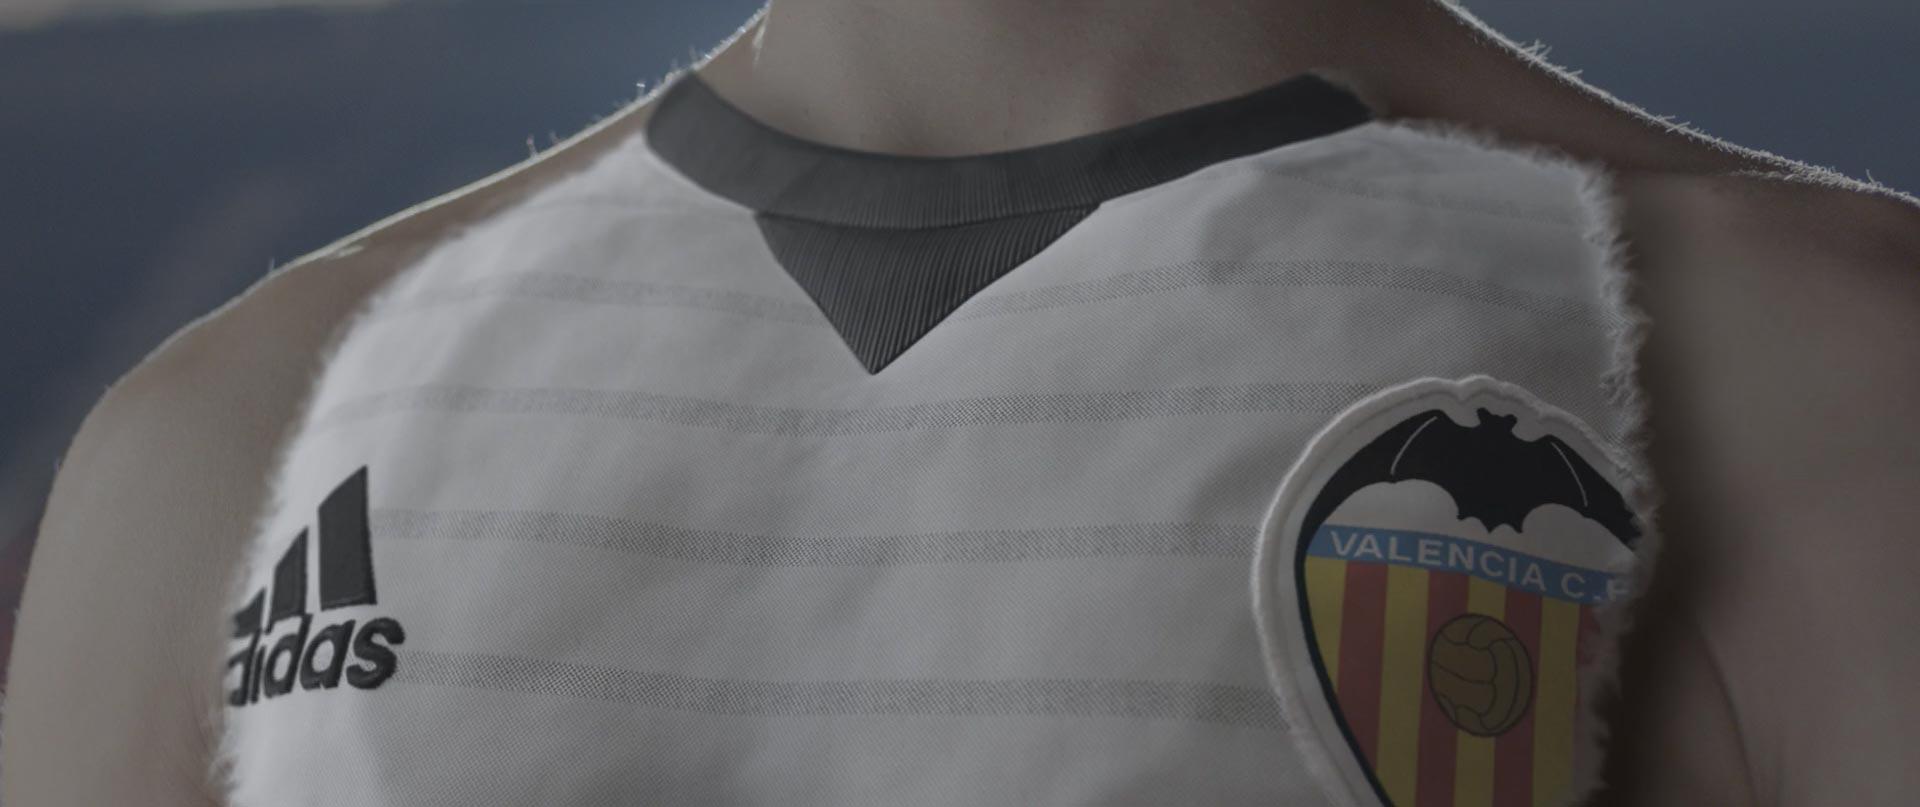 Virtual Art anuncio Camiseta Valencia CF 2017 animación 3D